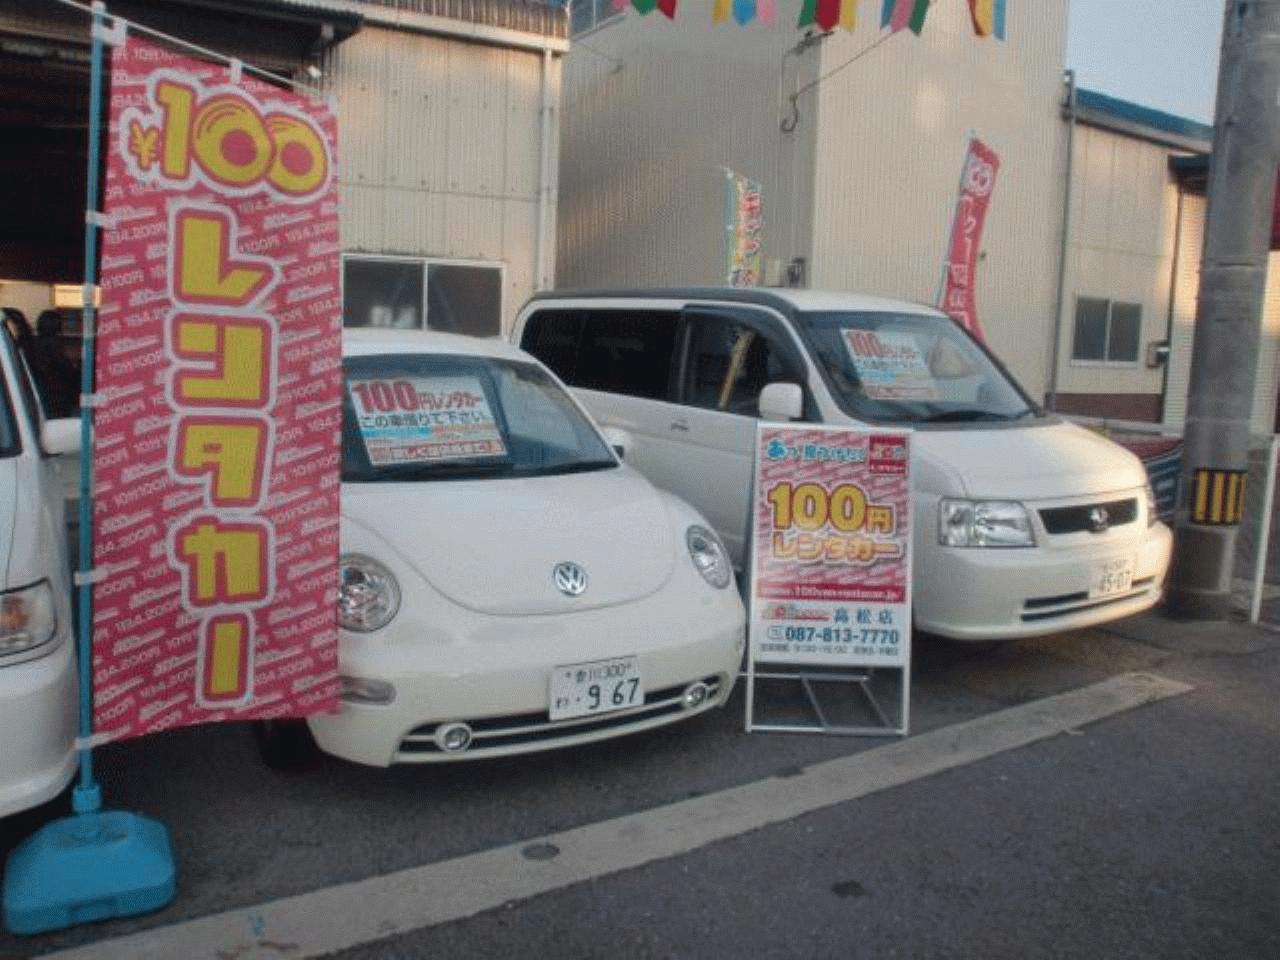 100円レンタカー高松店